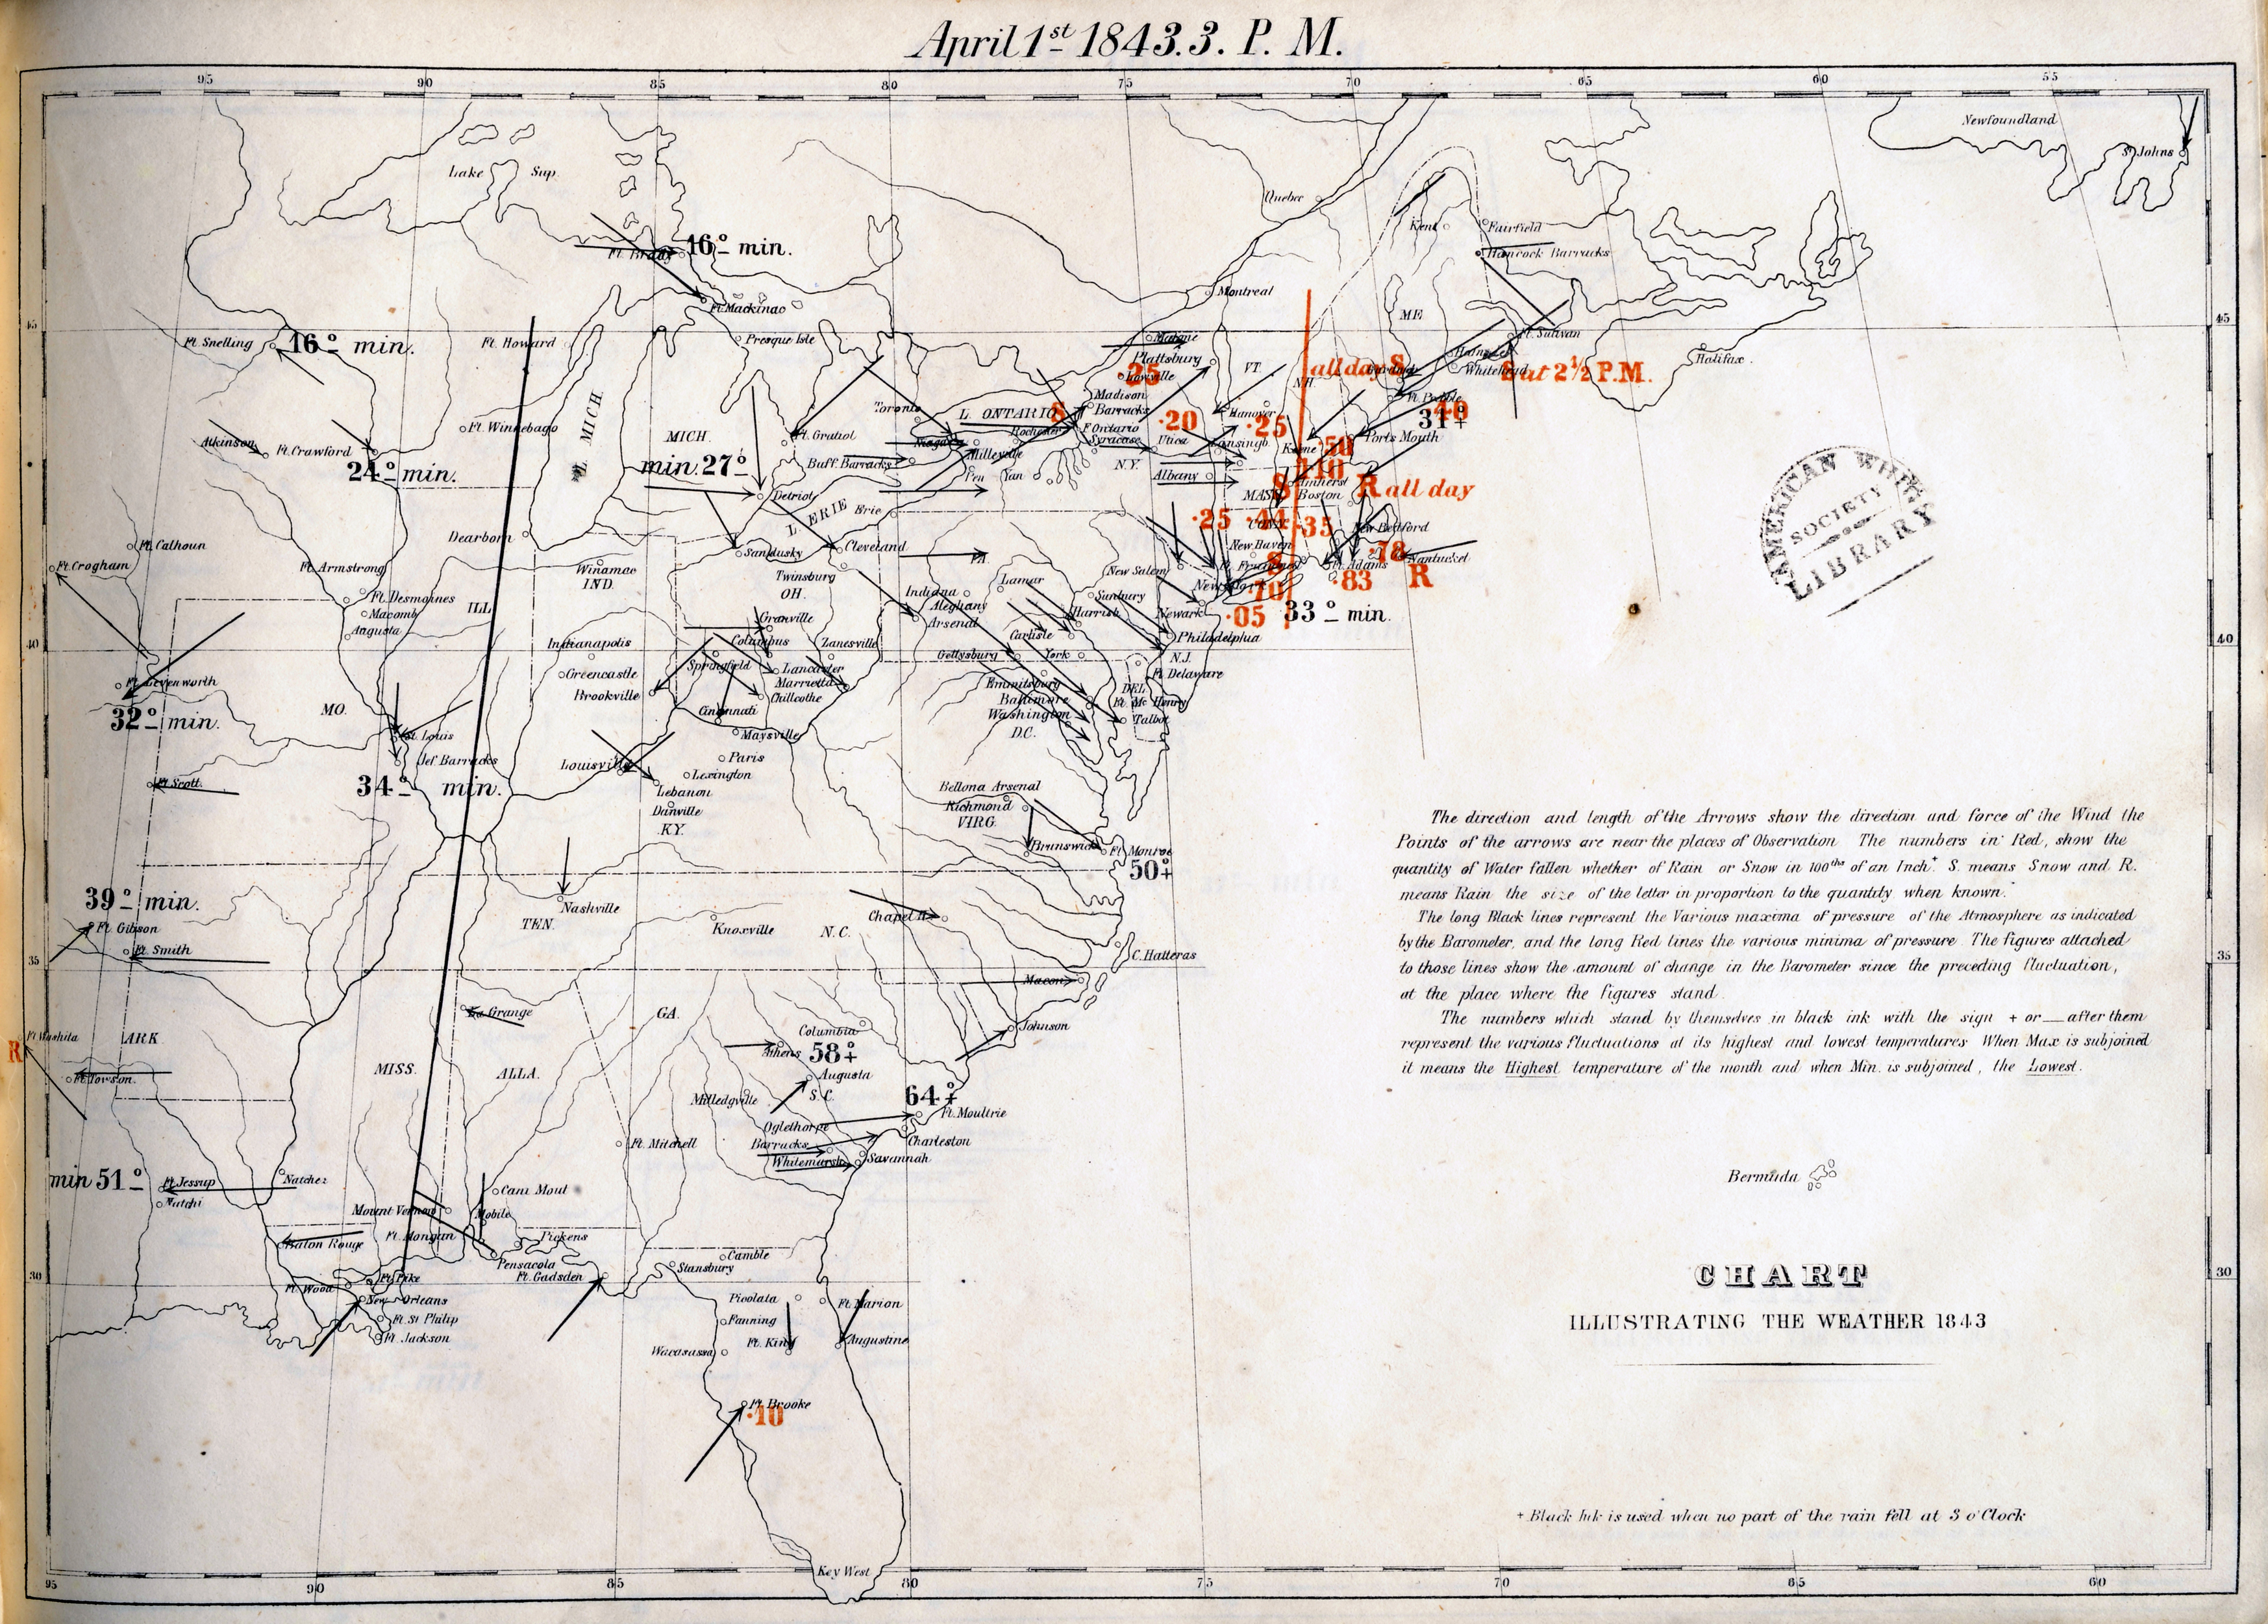 Meteorology - Us weather bureau maps